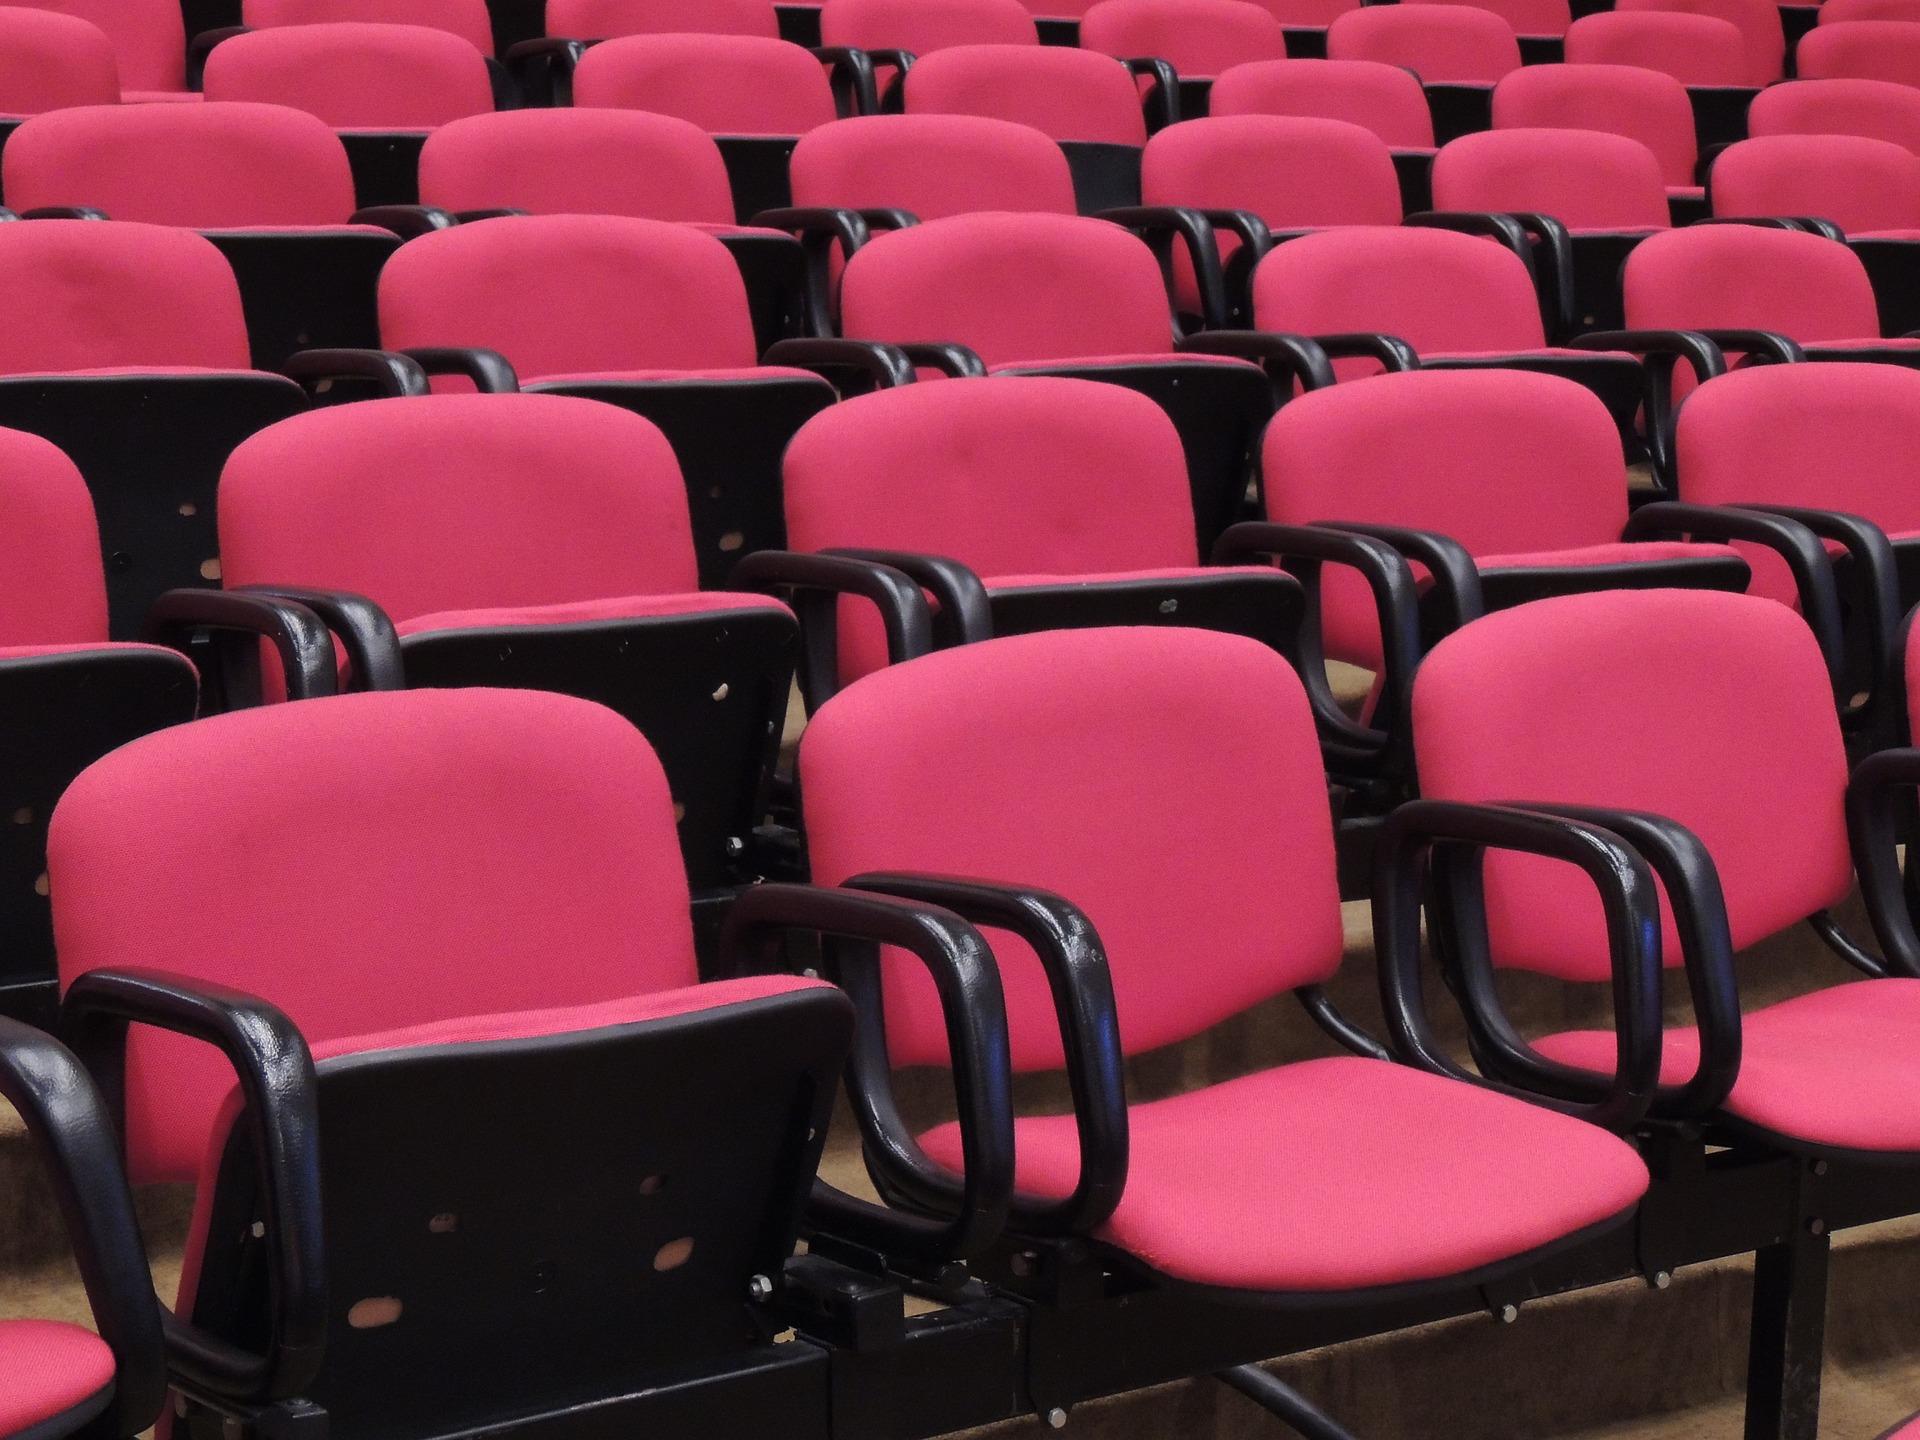 Tyhjät tuolit